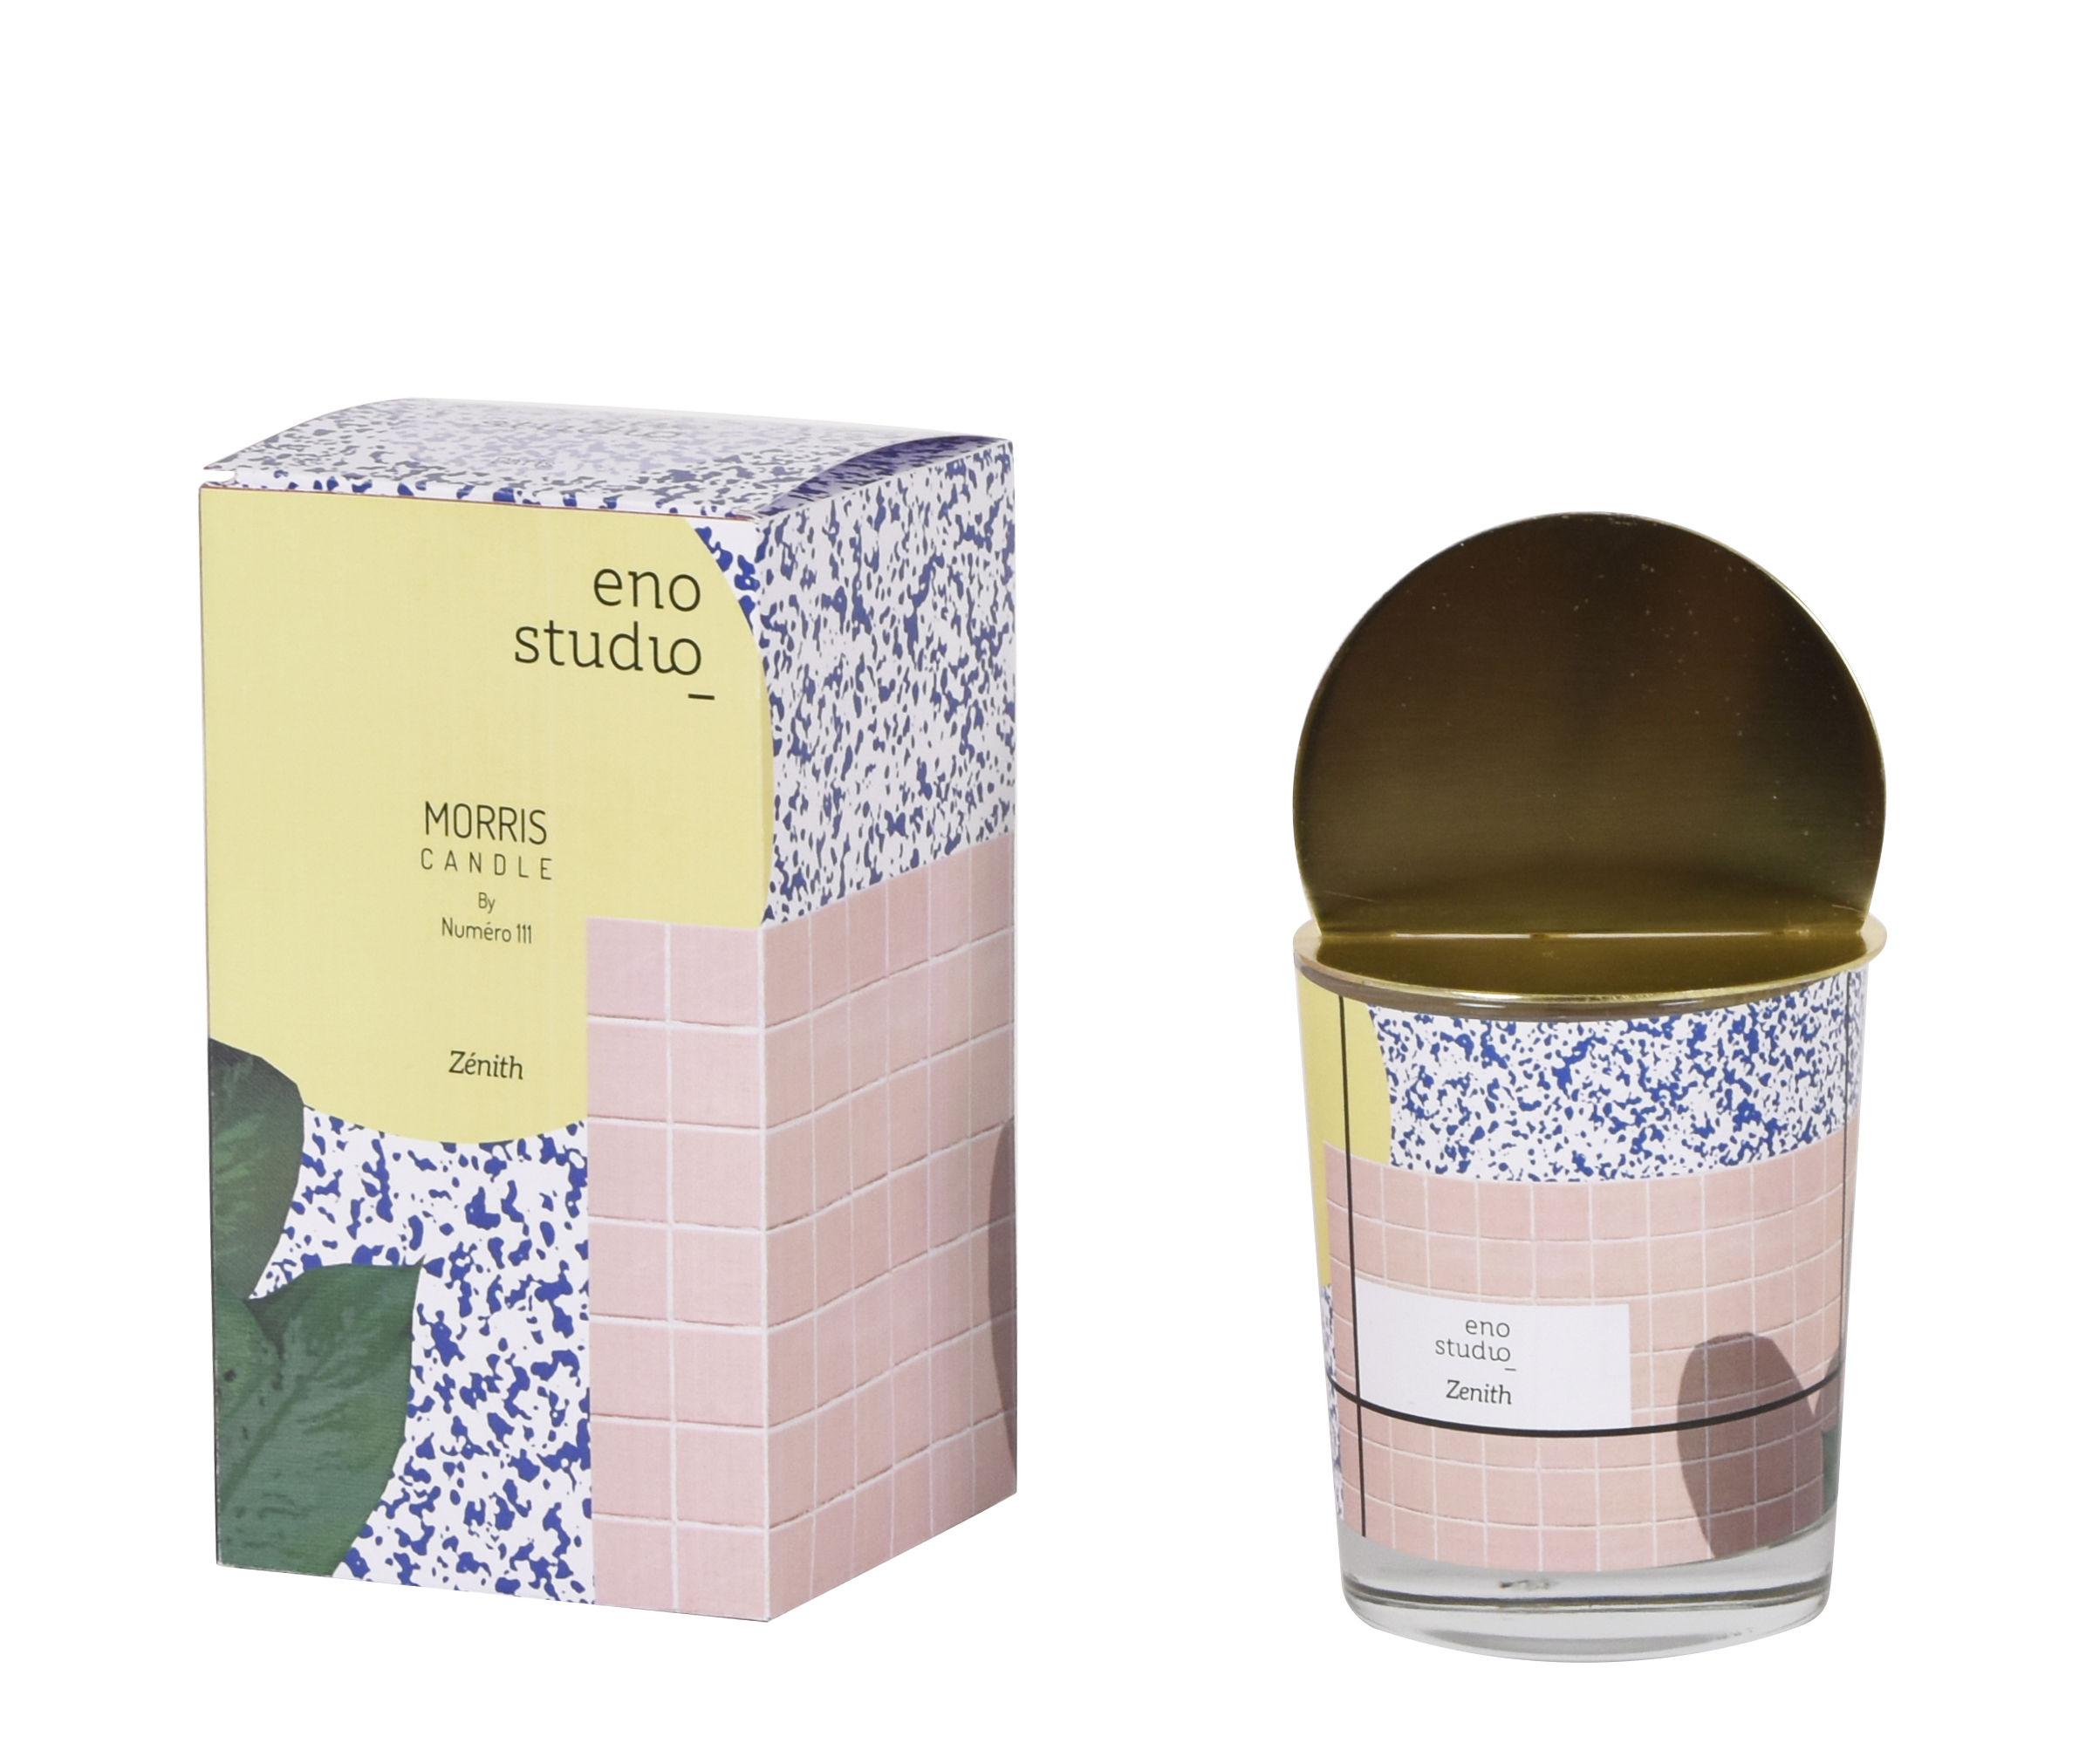 Déco - Bougeoirs, photophores - Bougie parfumée Morris - Zénith / Figuier - Couvercle laiton - ENOstudio - Zénith / Figuier - Acier, Cire minérale, Verre